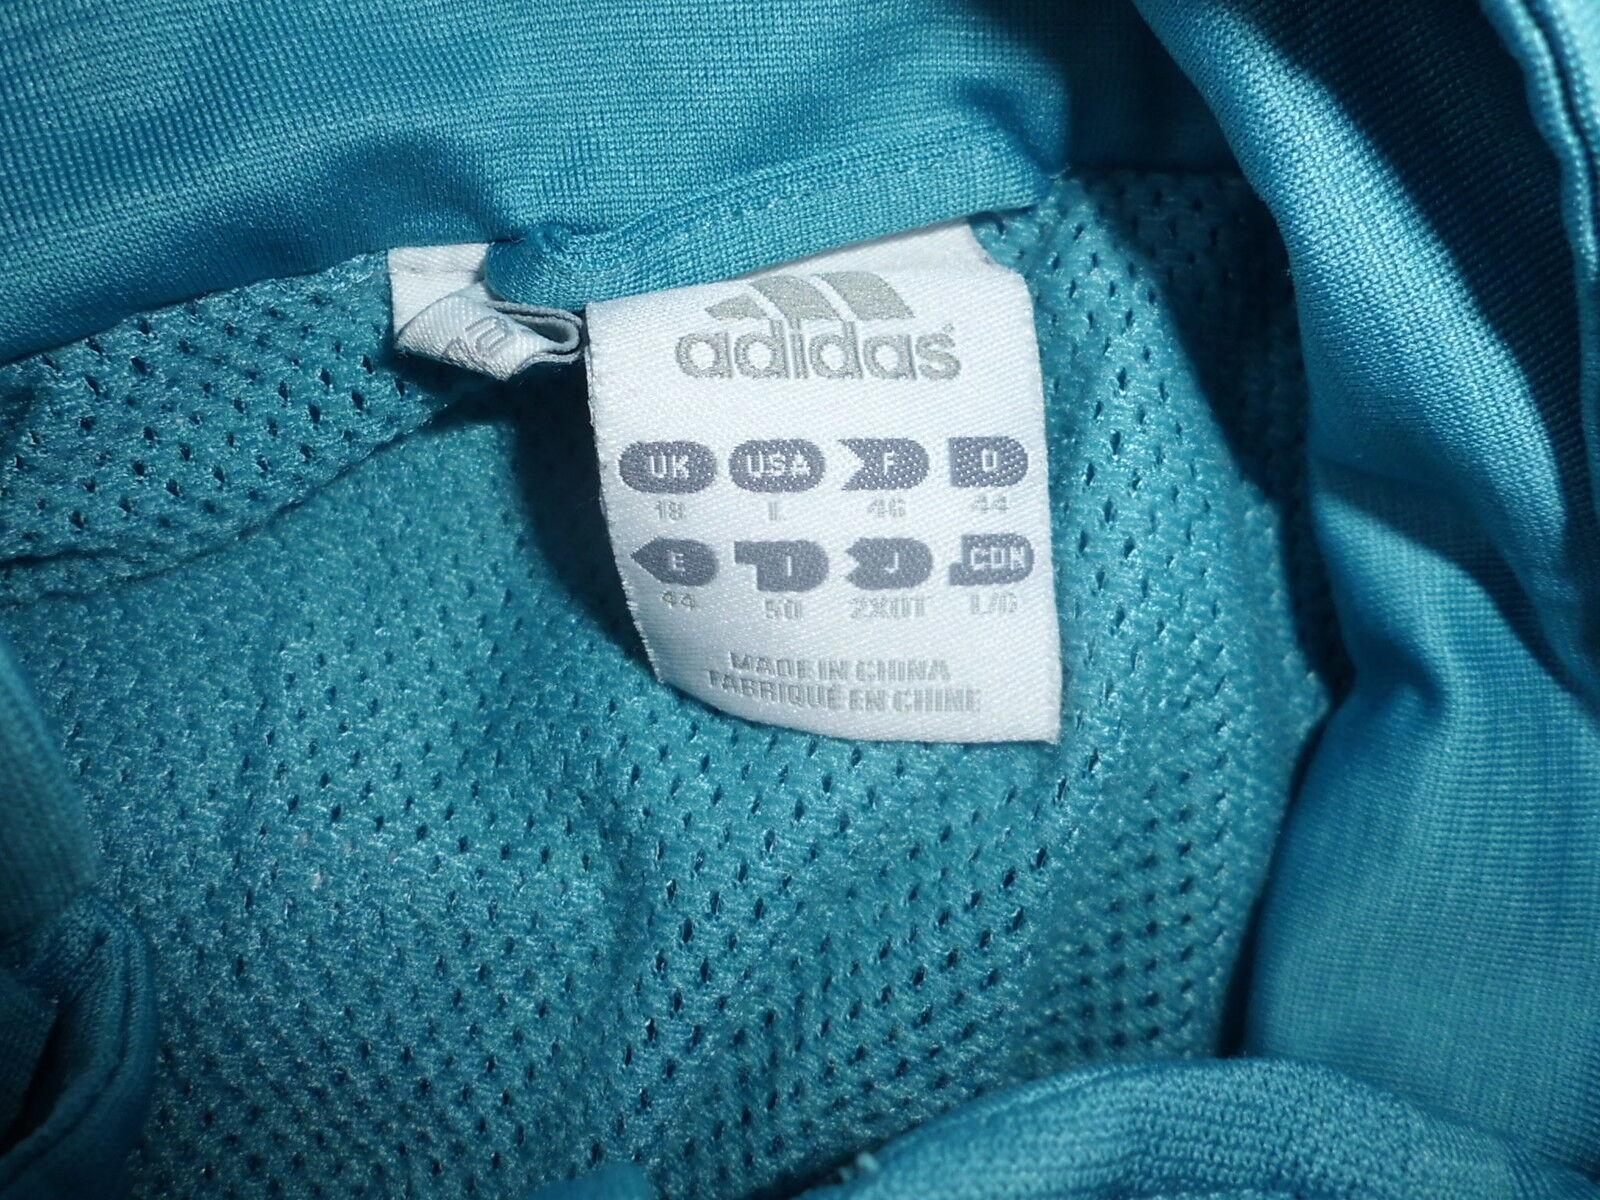 Veste de survêtement ADIDAS  à Taille 46 Bleu  à   -68%* b37c51